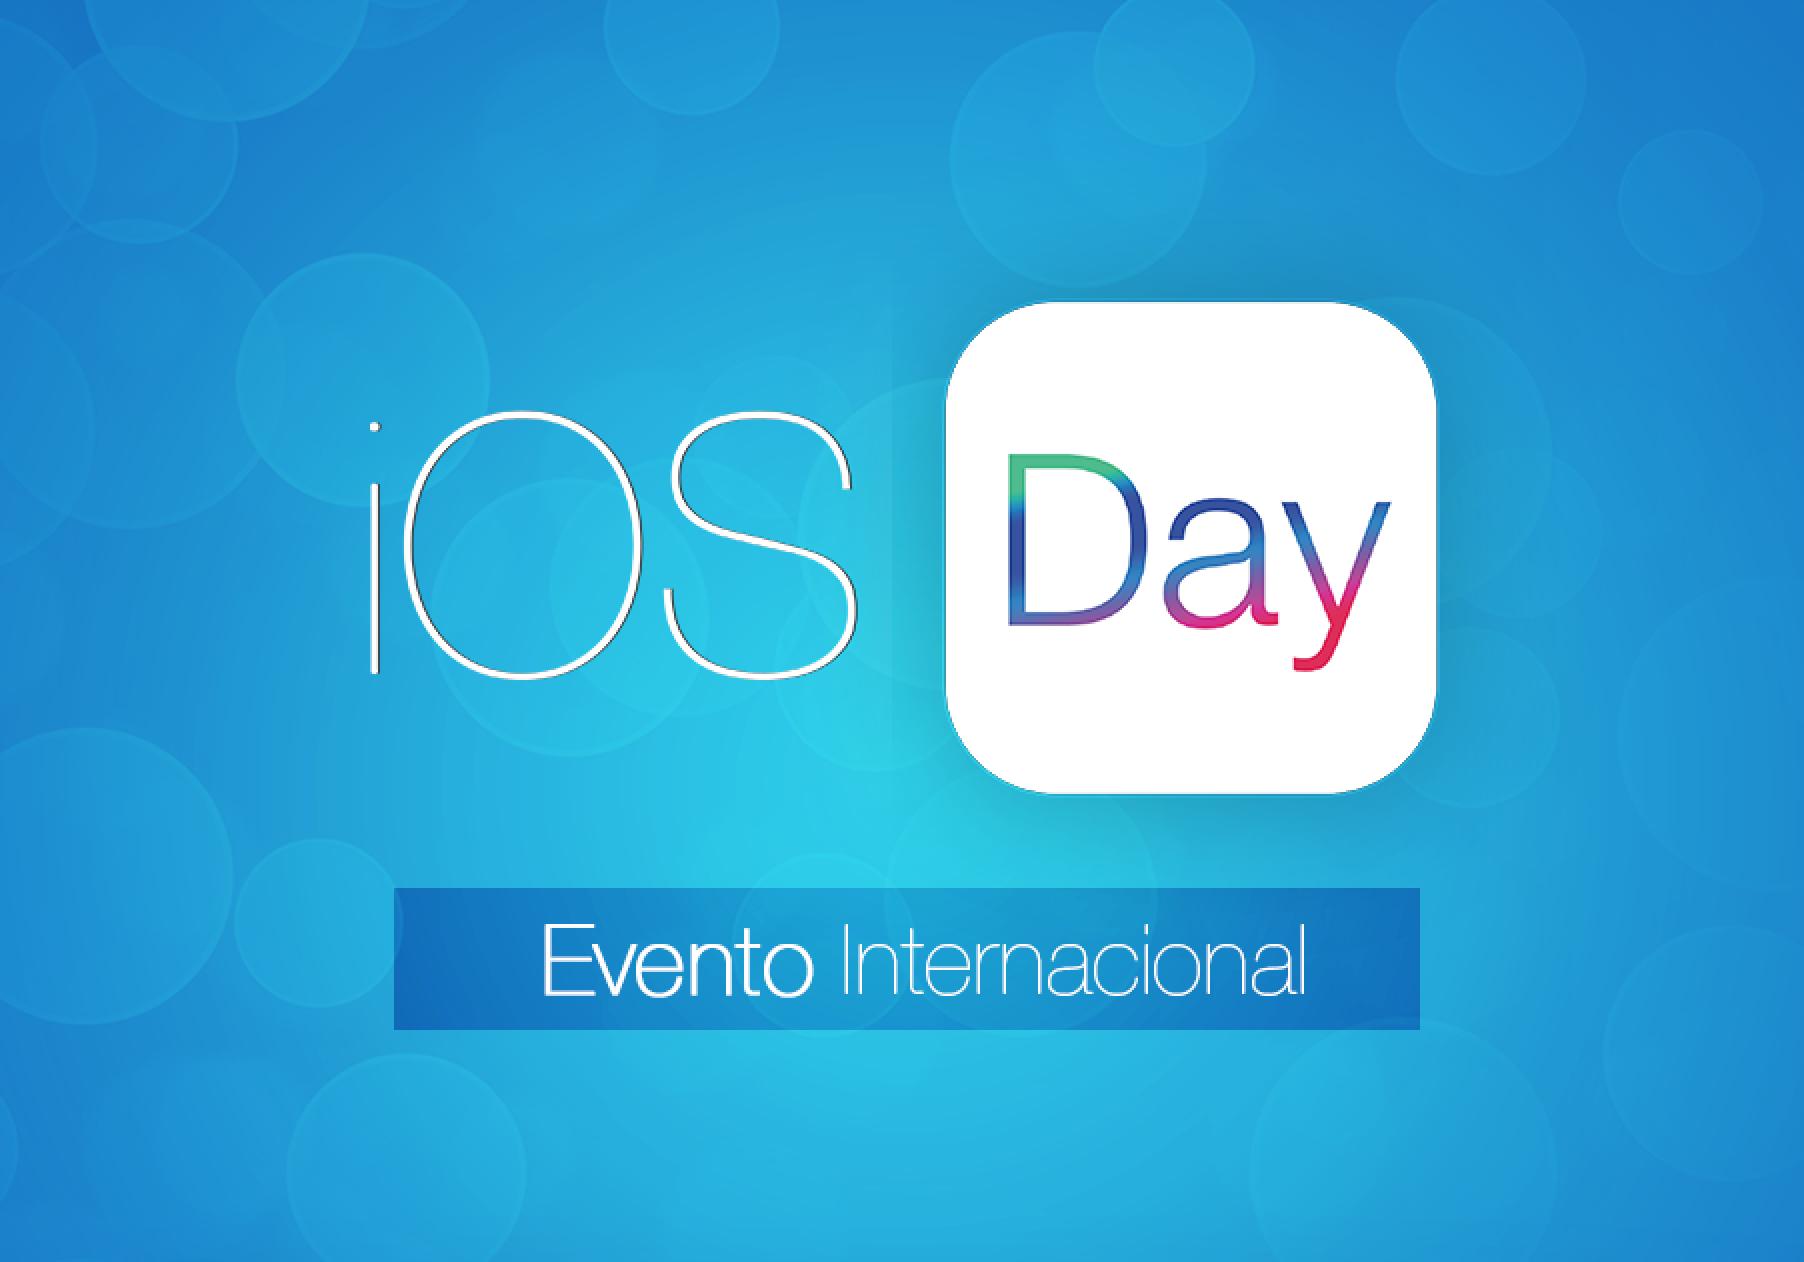 iOS Day